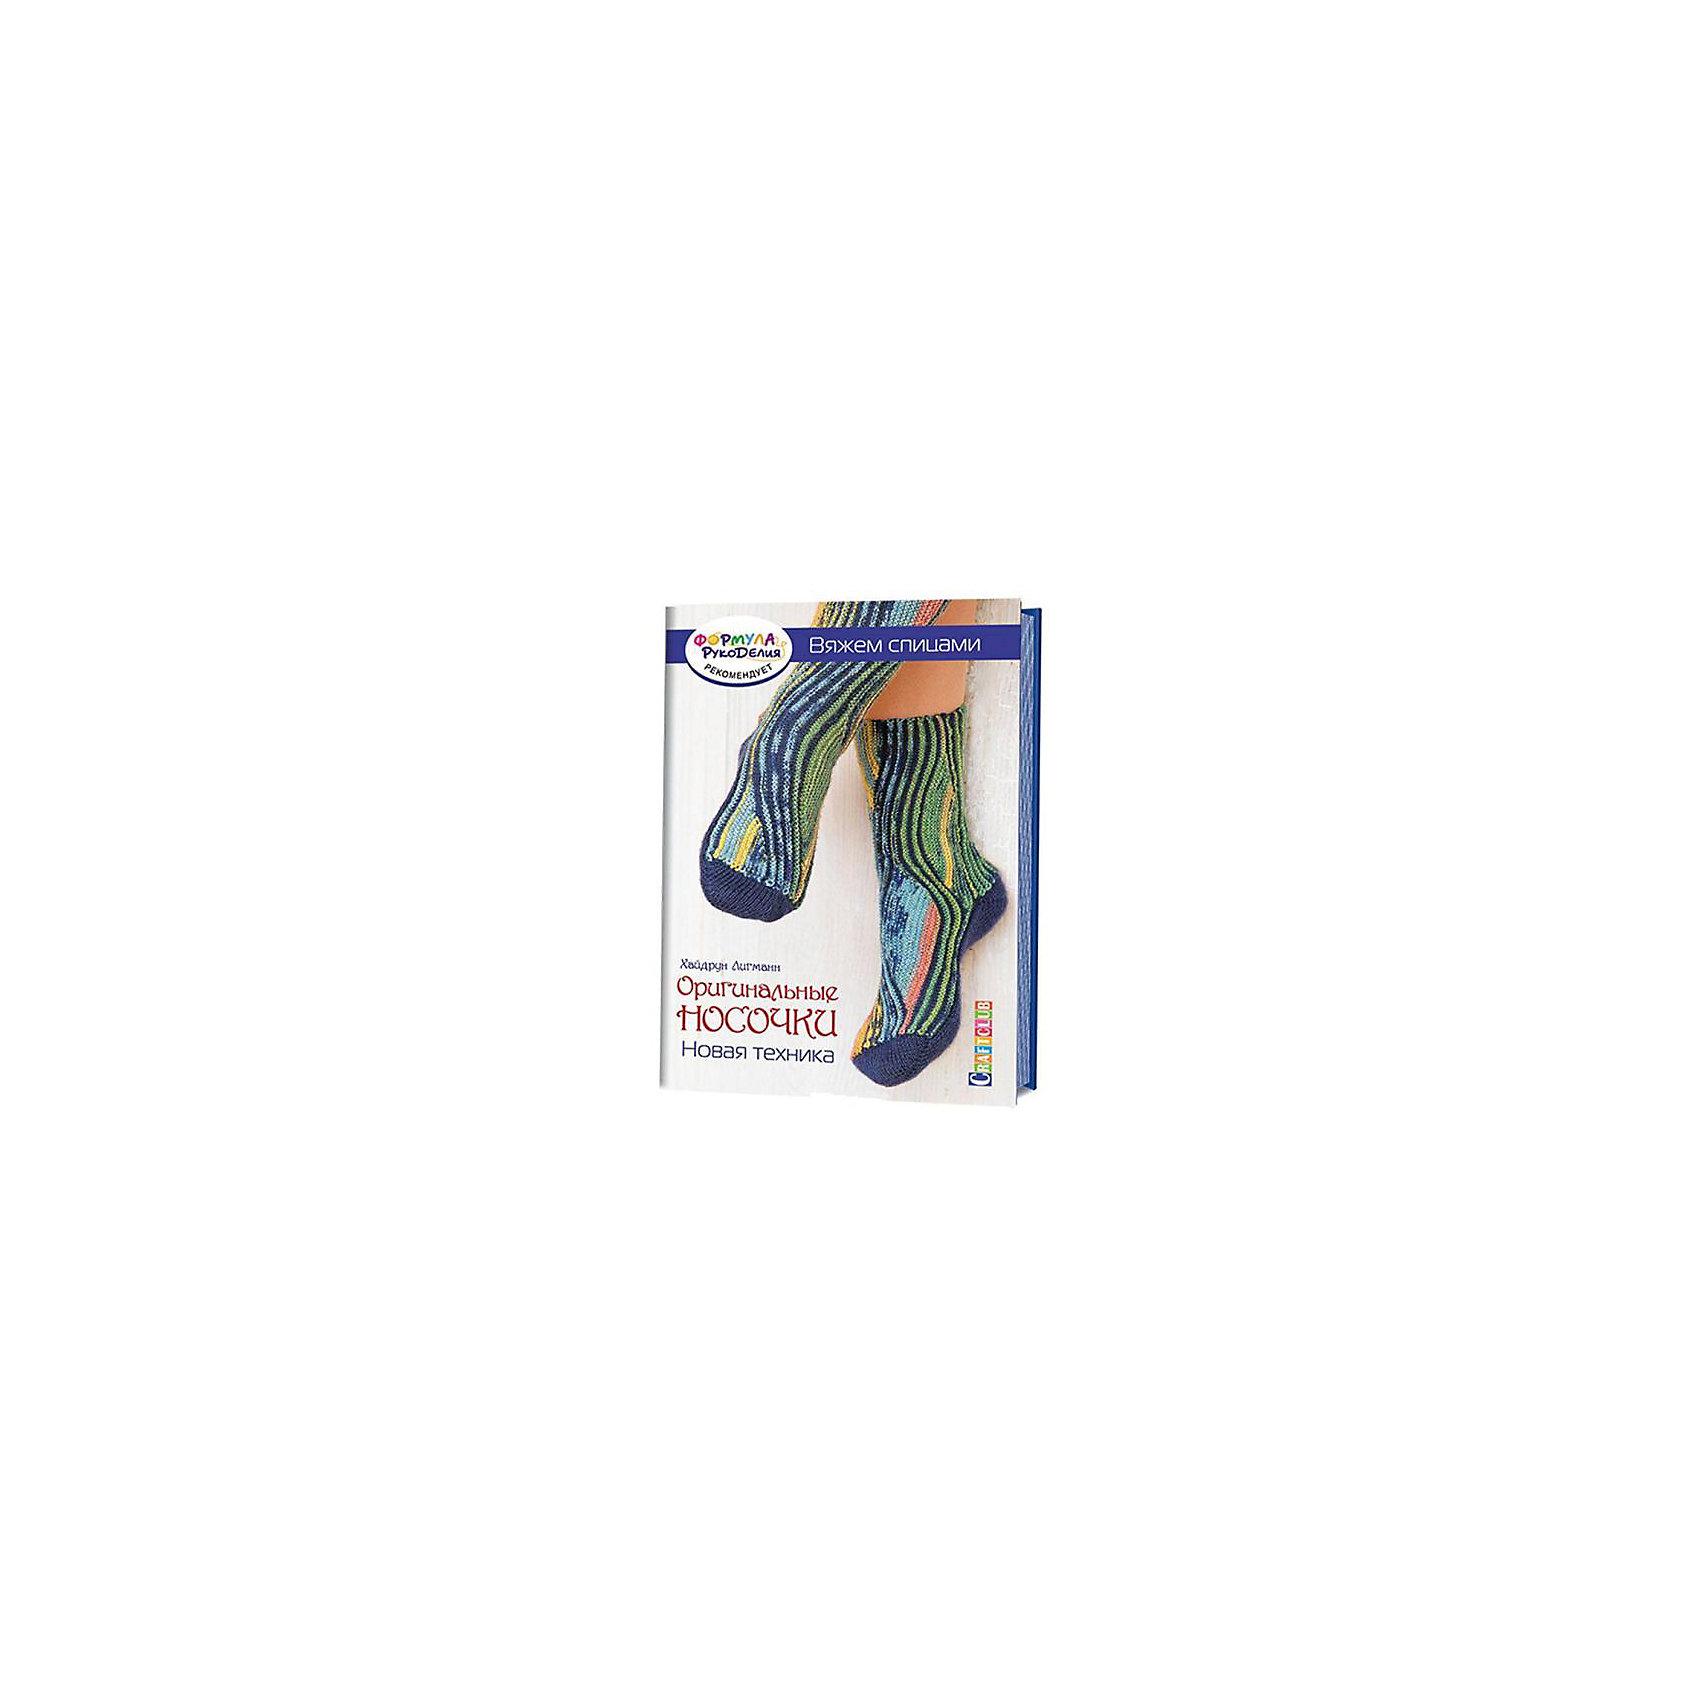 Издательство Контэнт Оригинальные носочки.Новая техника.Вяжем спицами